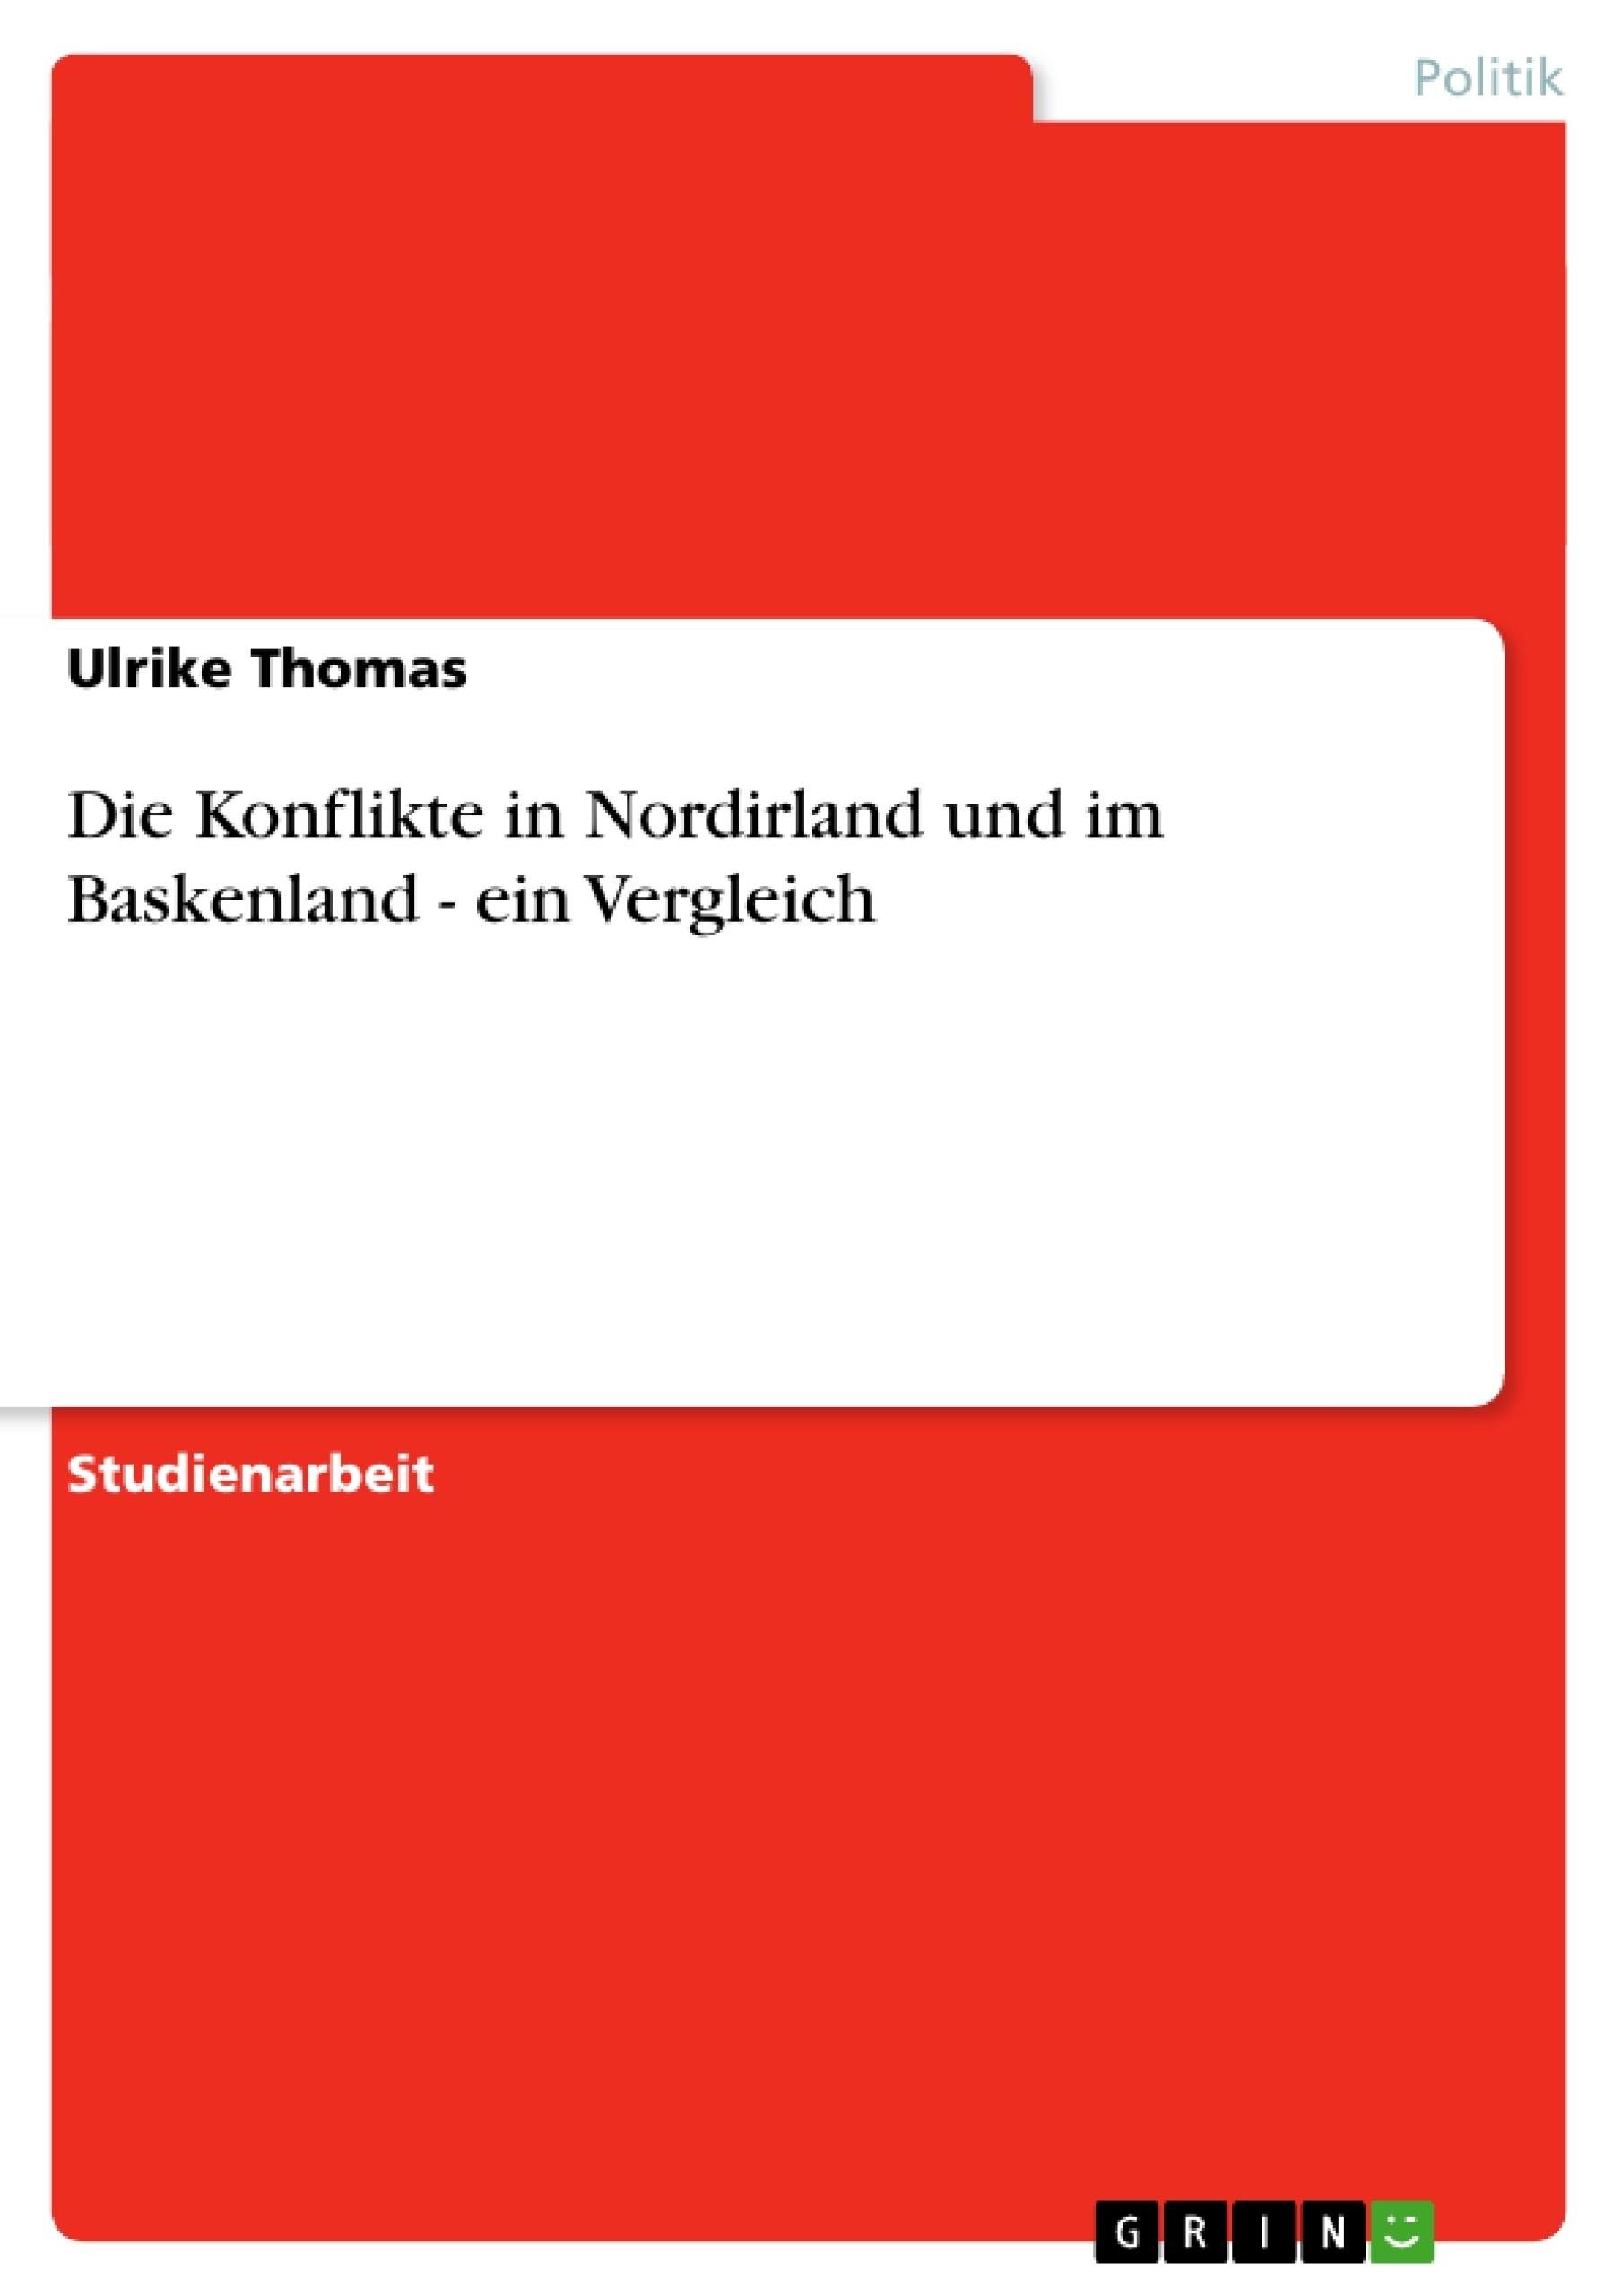 Titel: Die Konflikte in Nordirland und im Baskenland - ein Vergleich